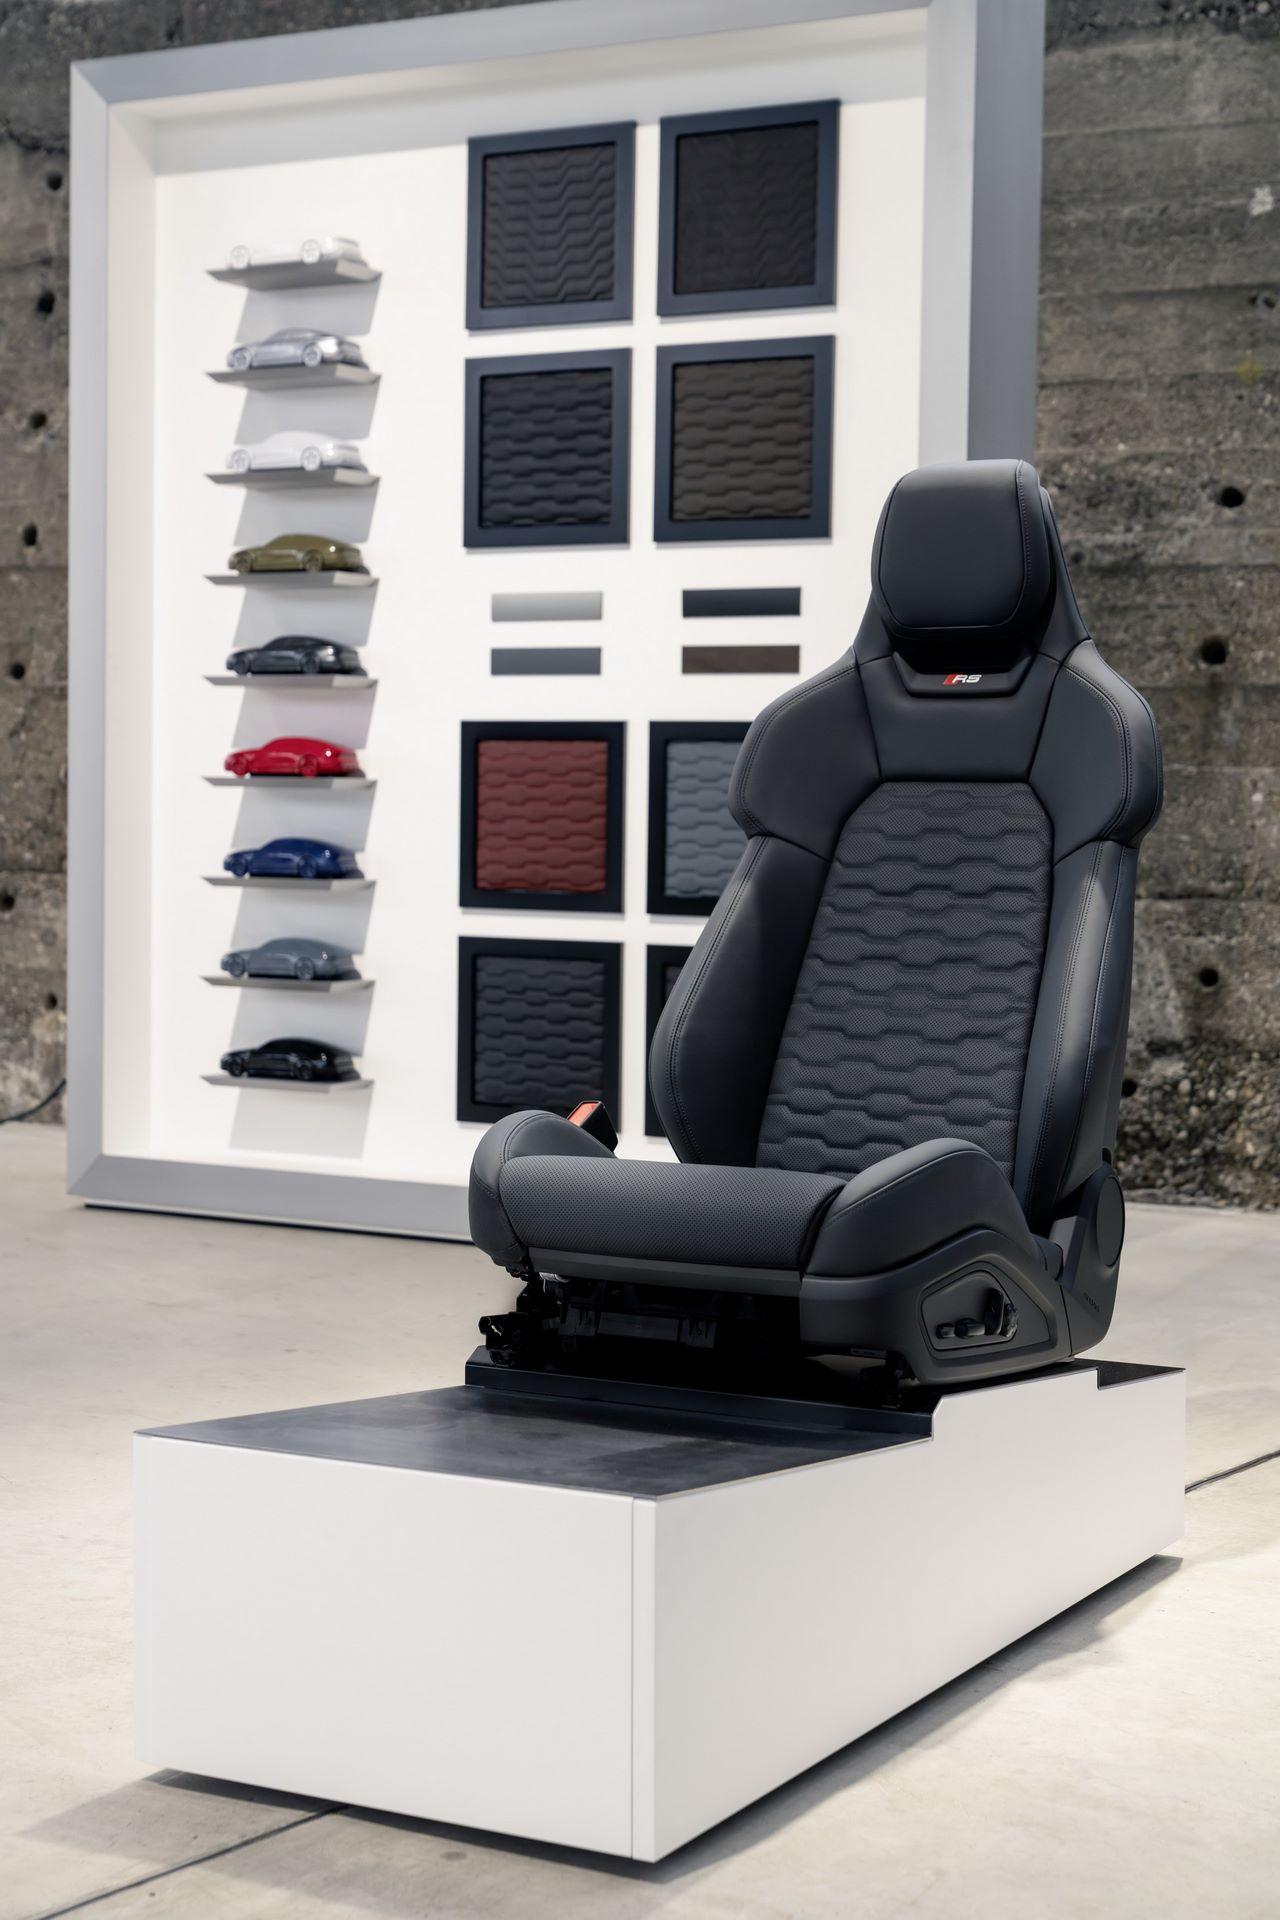 2022-Audi-e-tron-GT-20